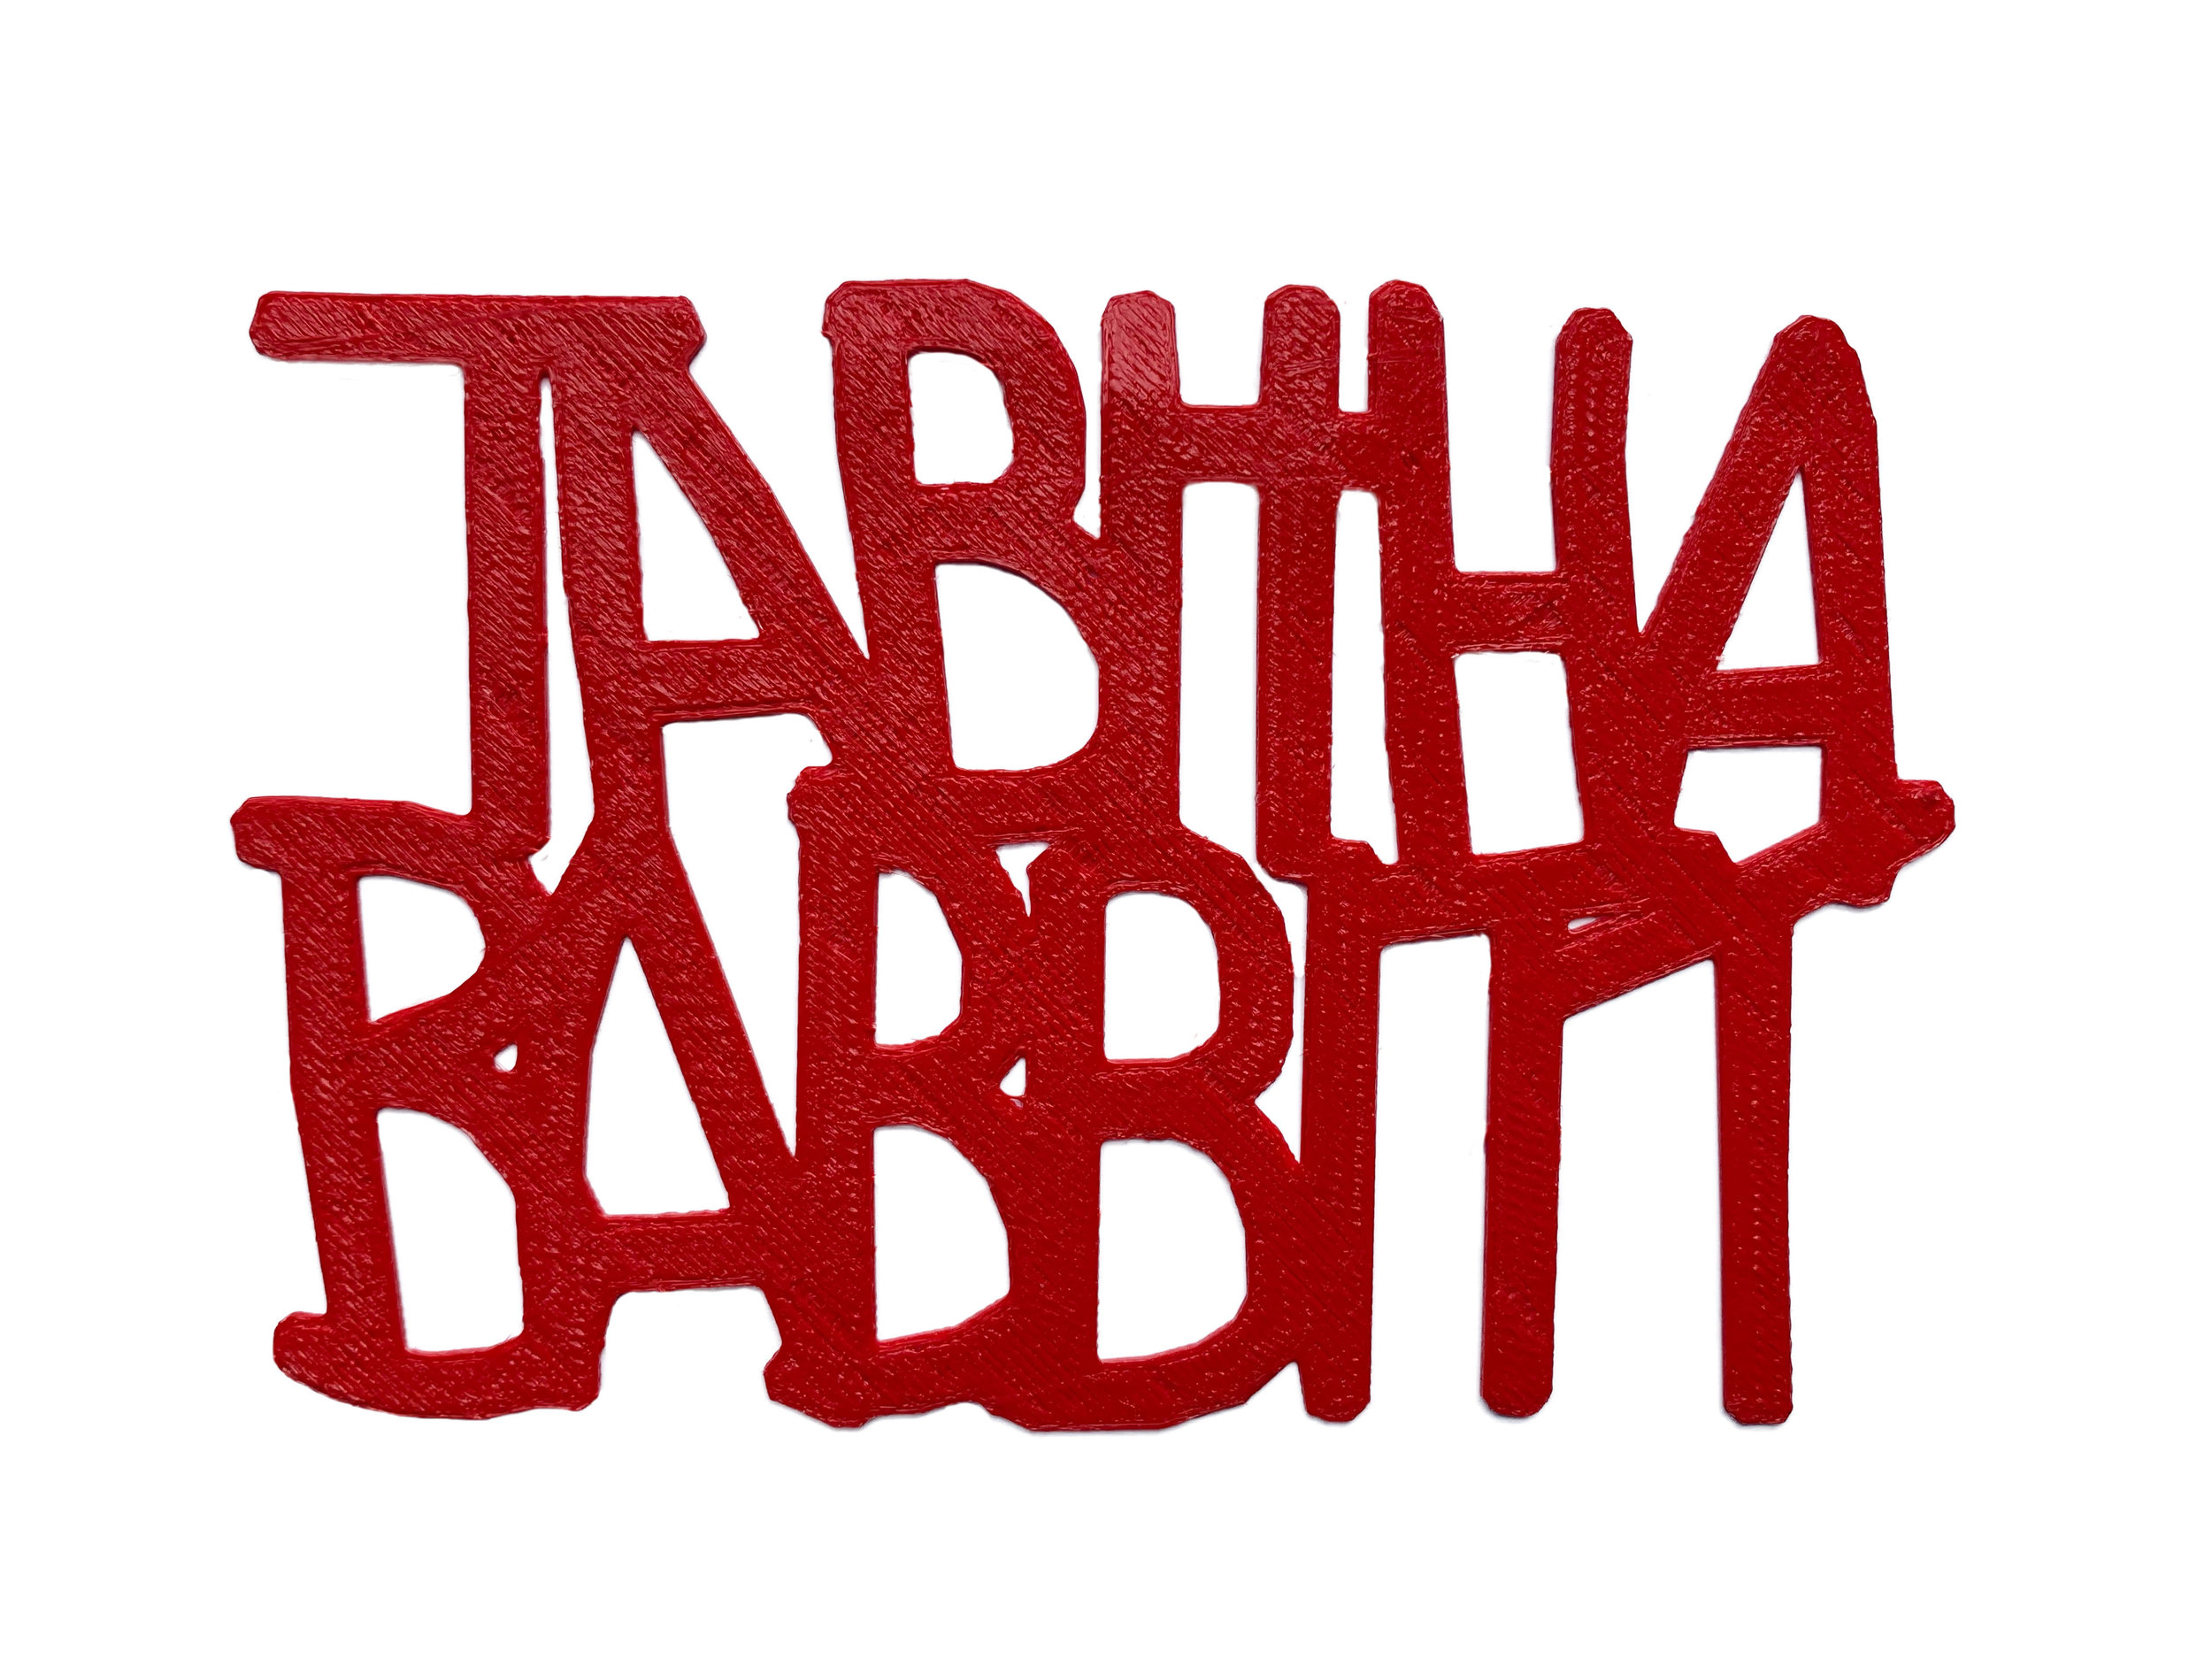 Tabbitha Babbitt.jpg